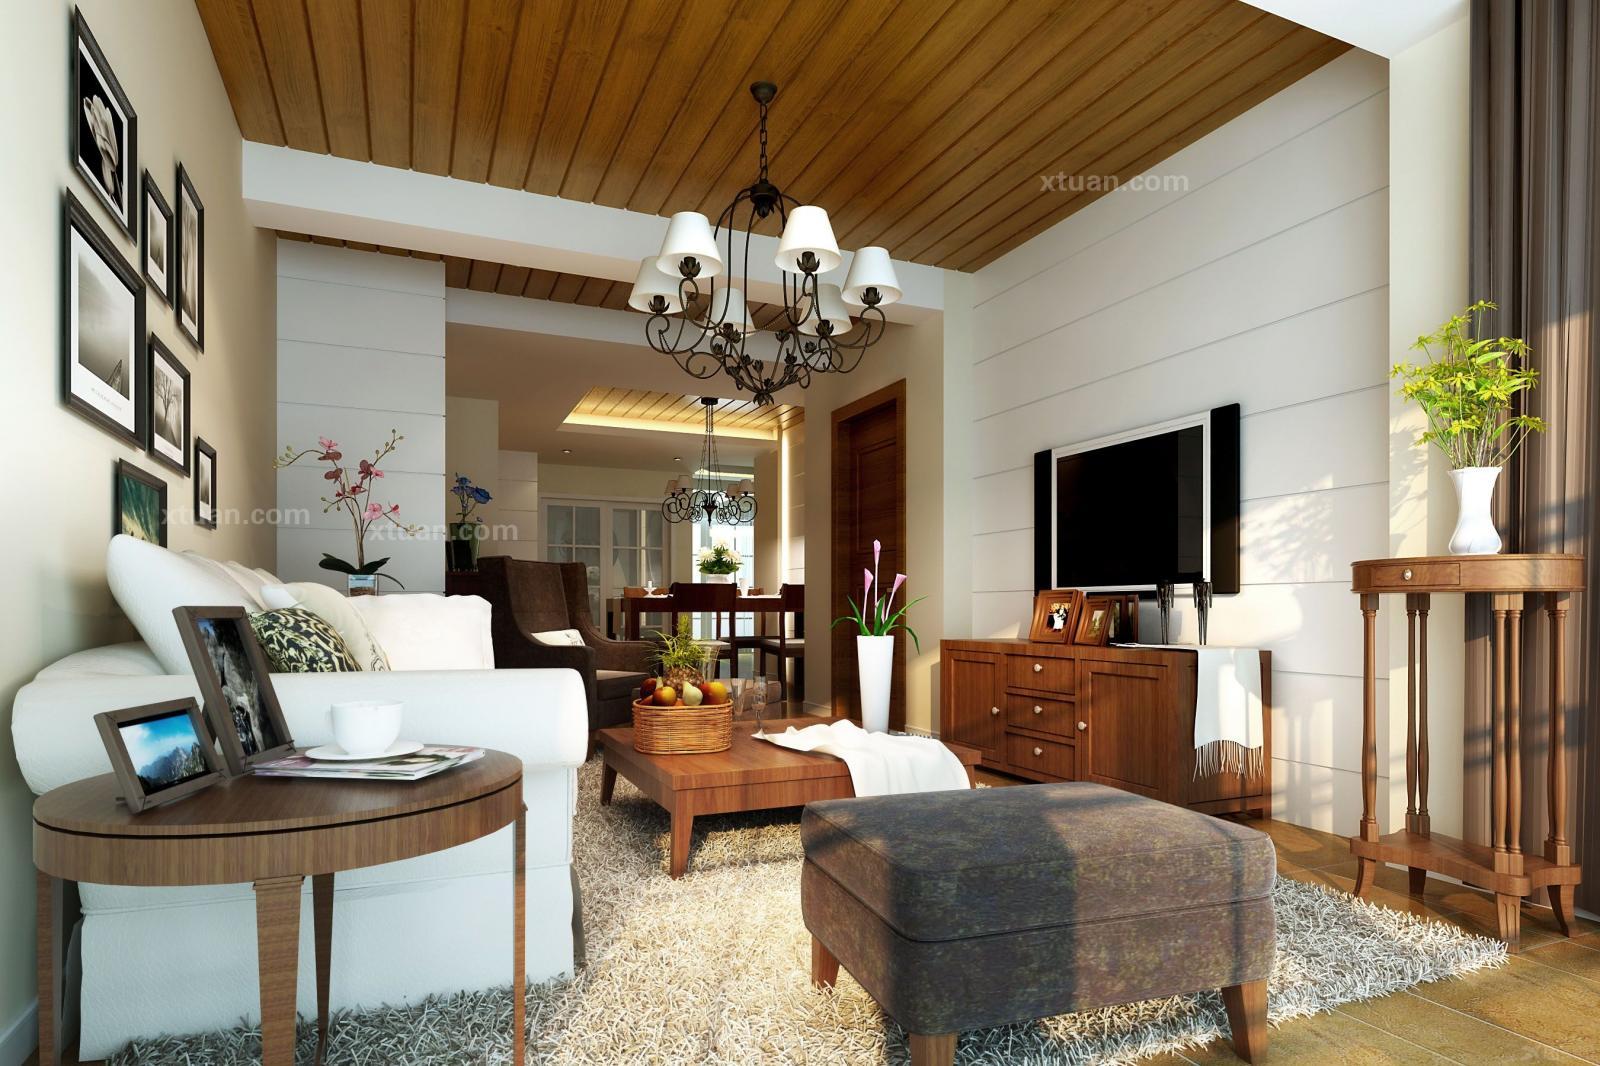 三居室美式风格客厅_东湖花园二期28幢装修效果图-x团图片